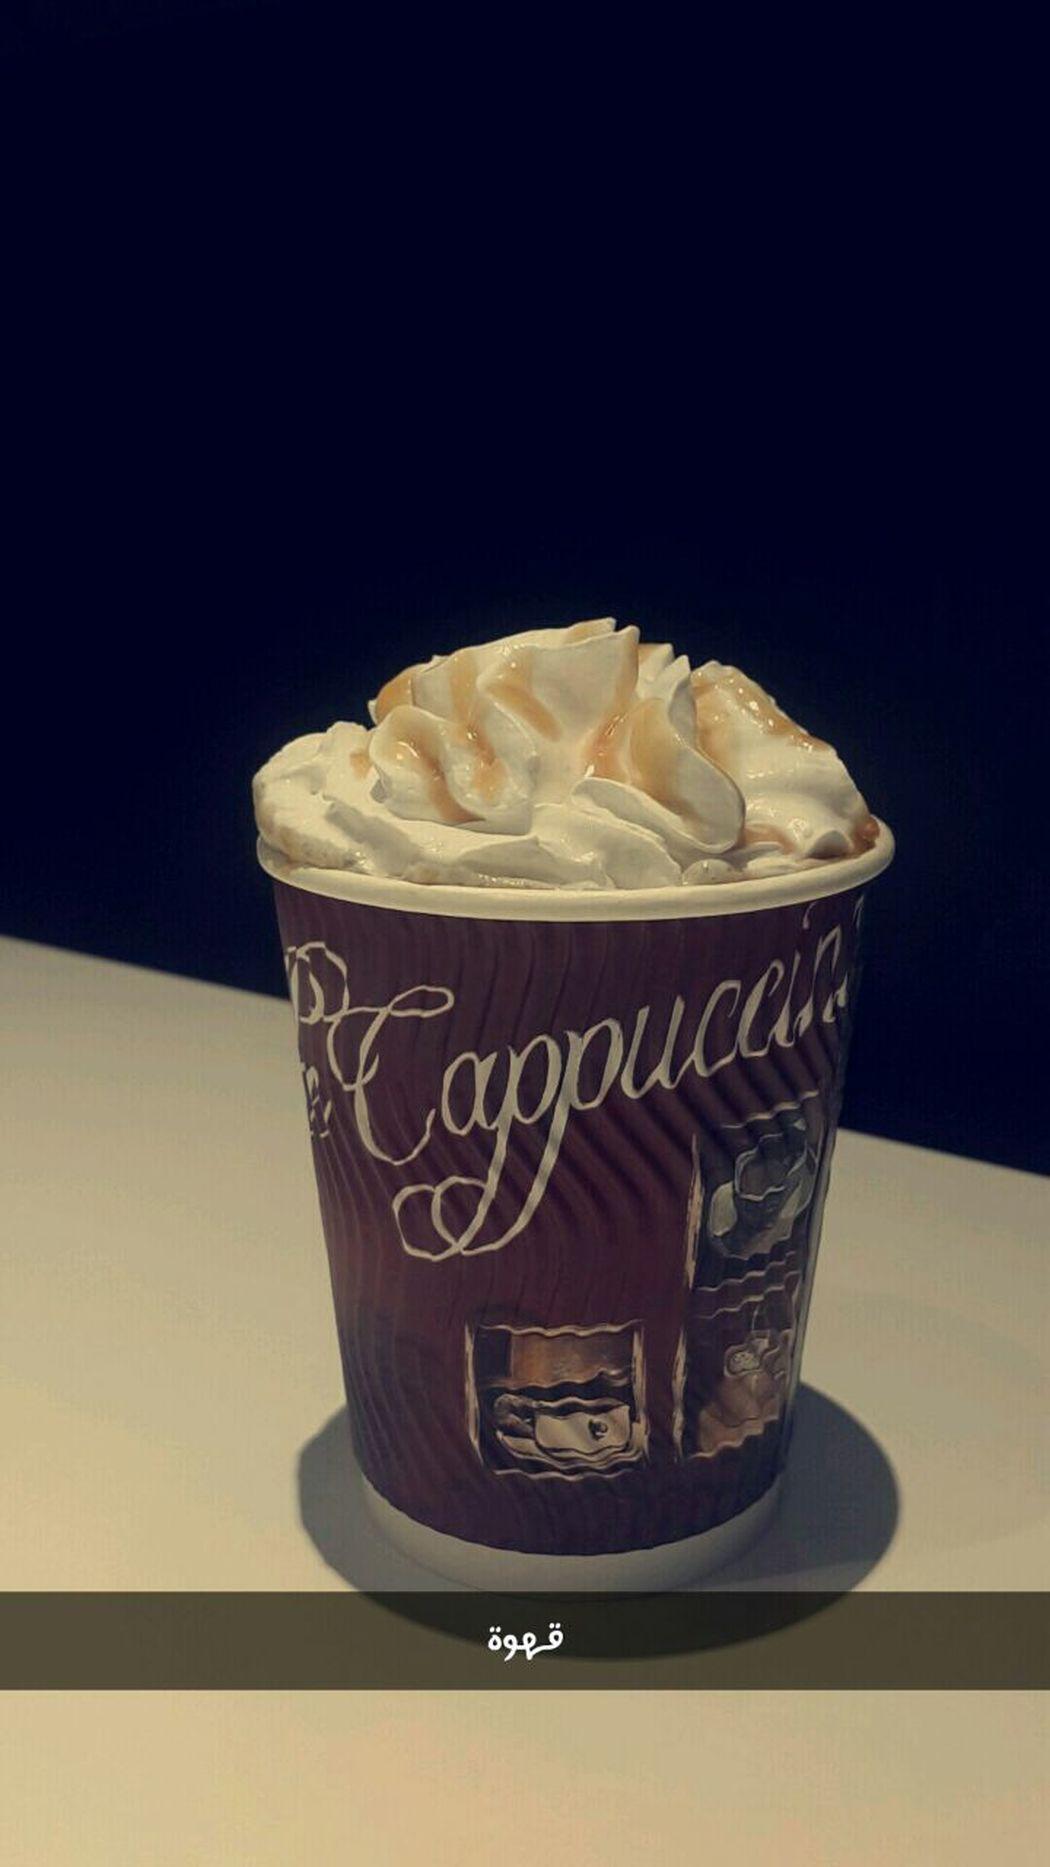 قهوتي_الساخنه Makkah Makkah♥So Beautiful قهوتي  قهوة_المساء قهوة ساخنه